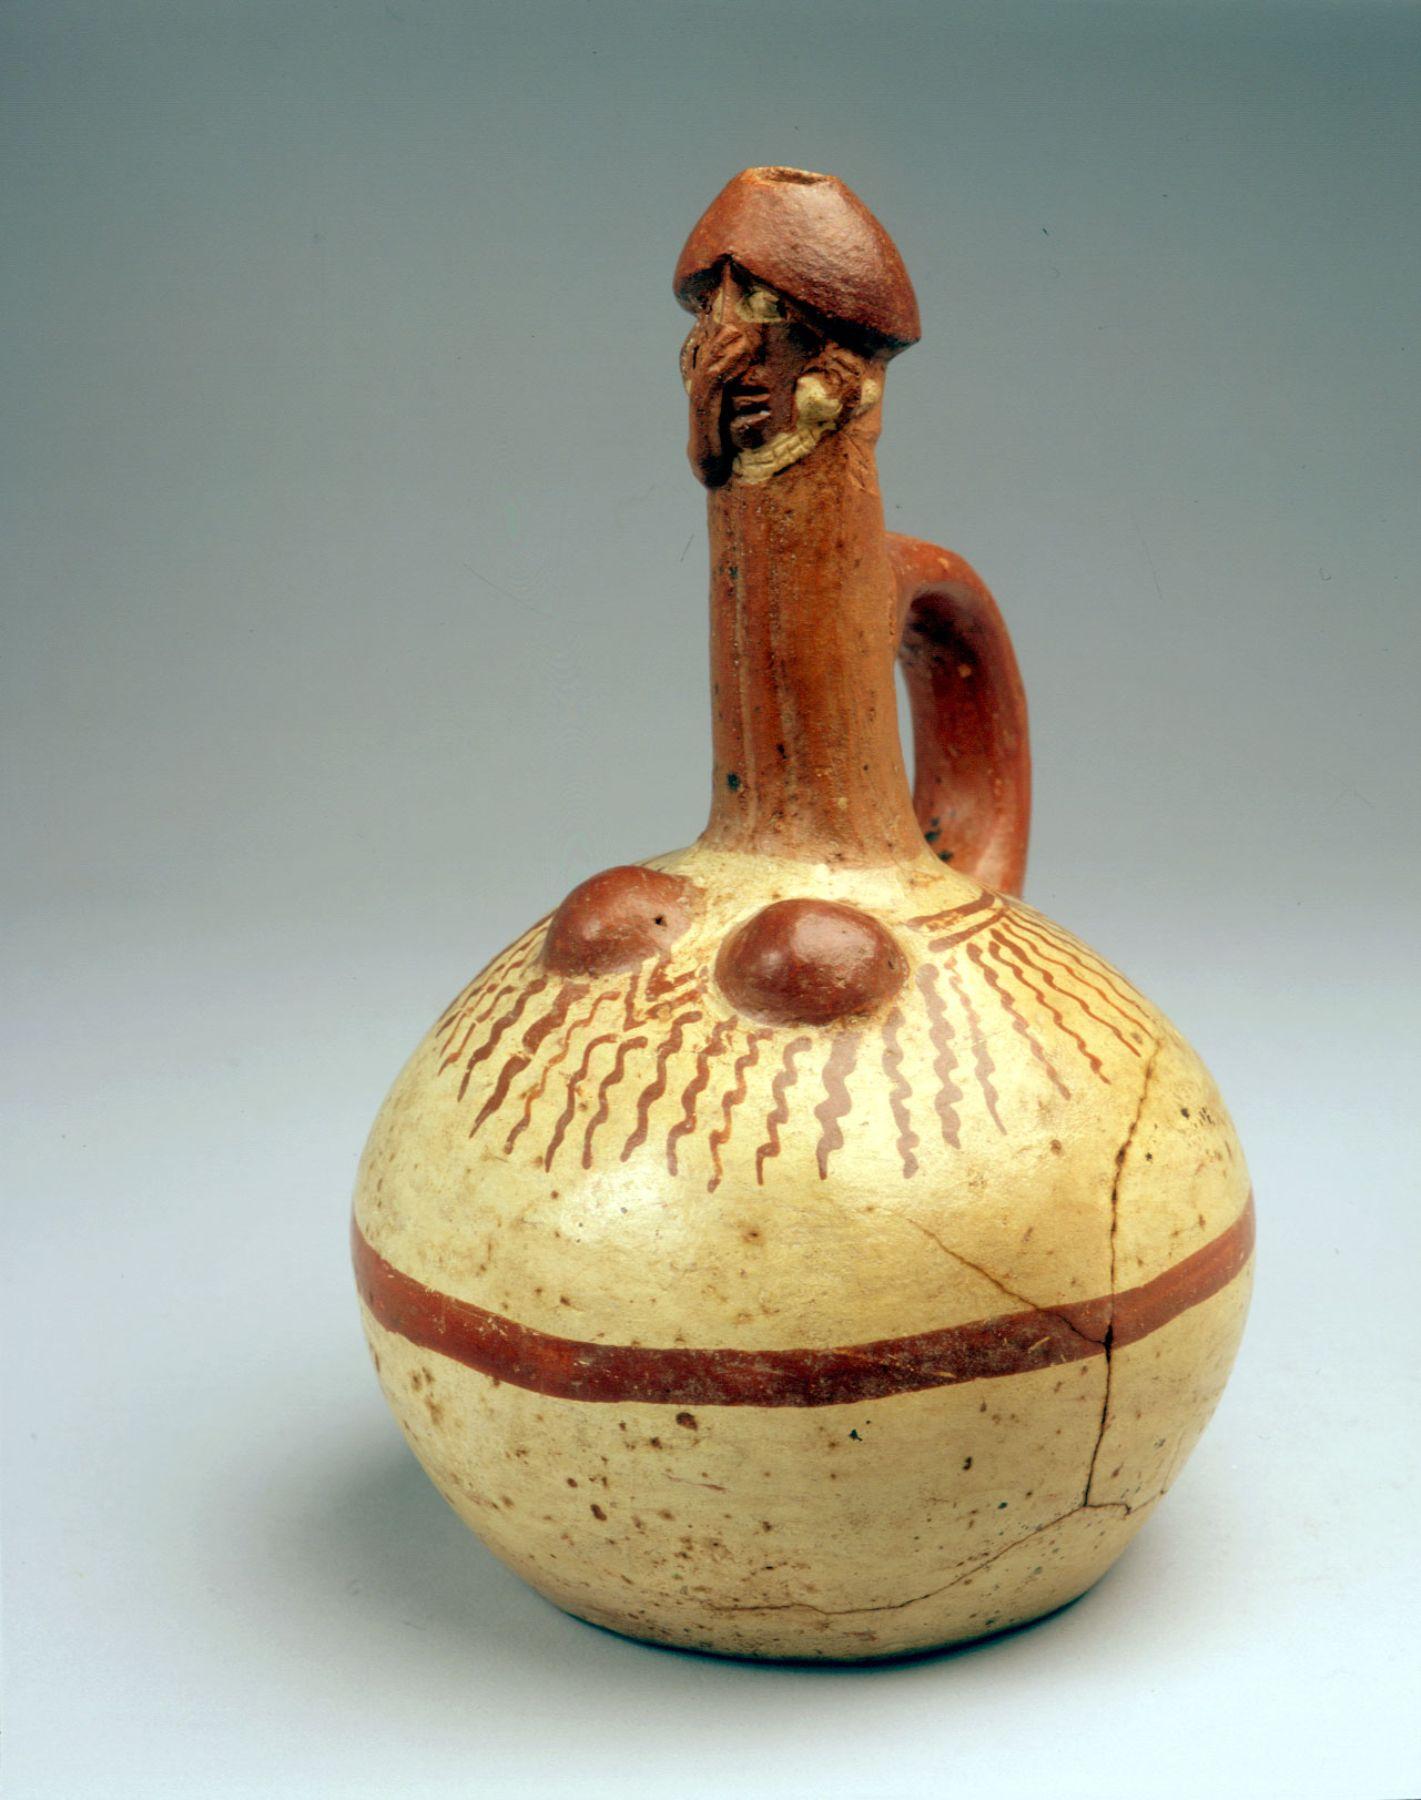 M s de cien piezas de cer mica de la cultura moche se for Ceramicas para piezas